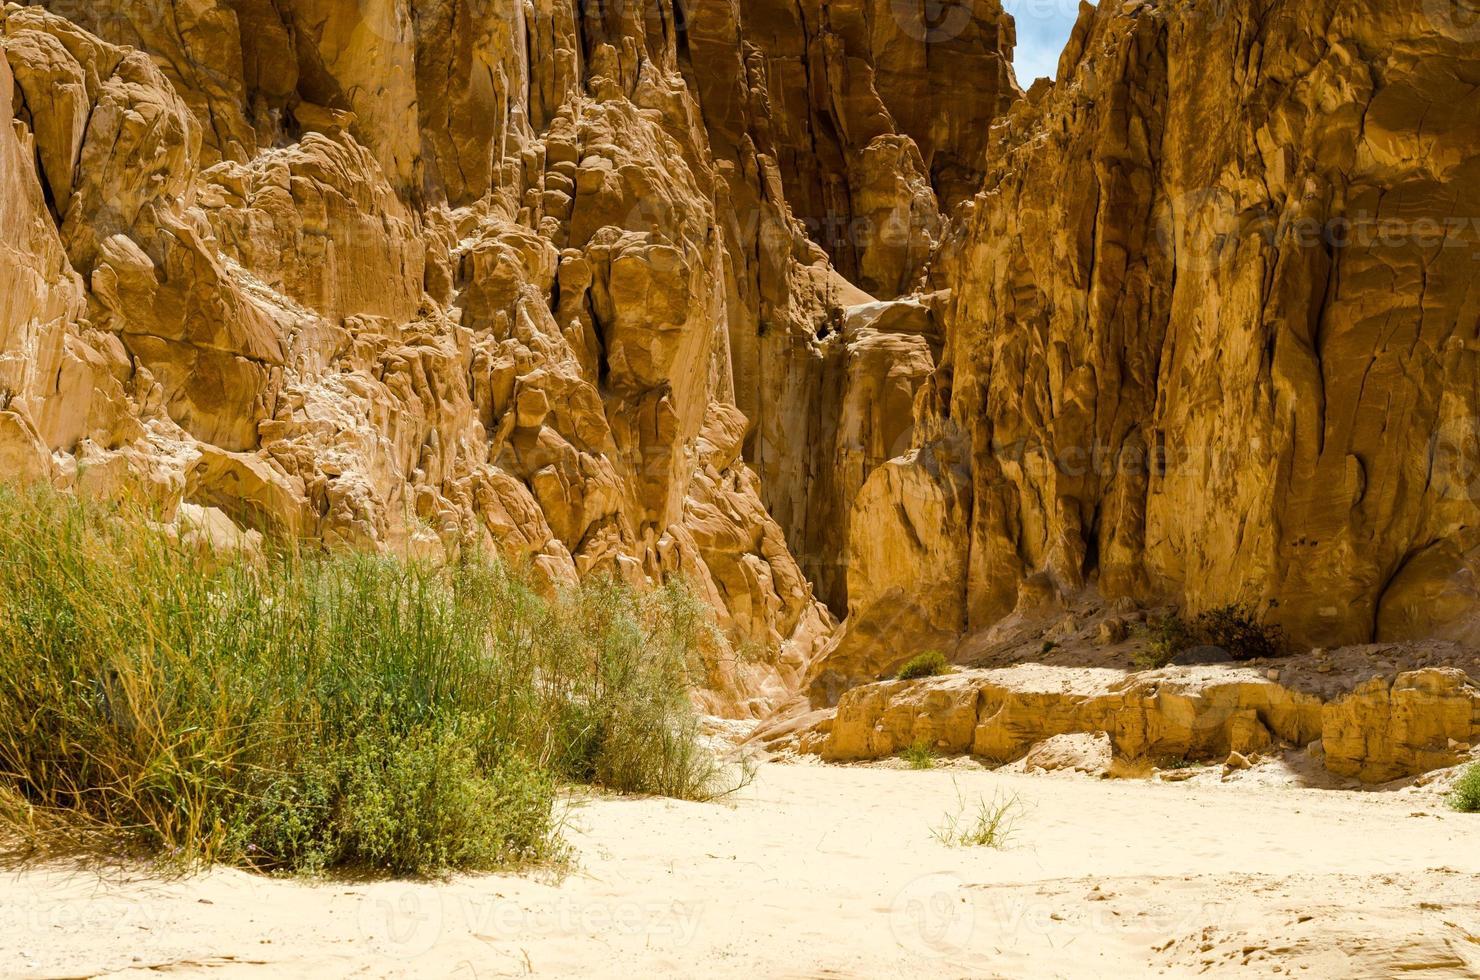 struiken in een woestijn canyon foto